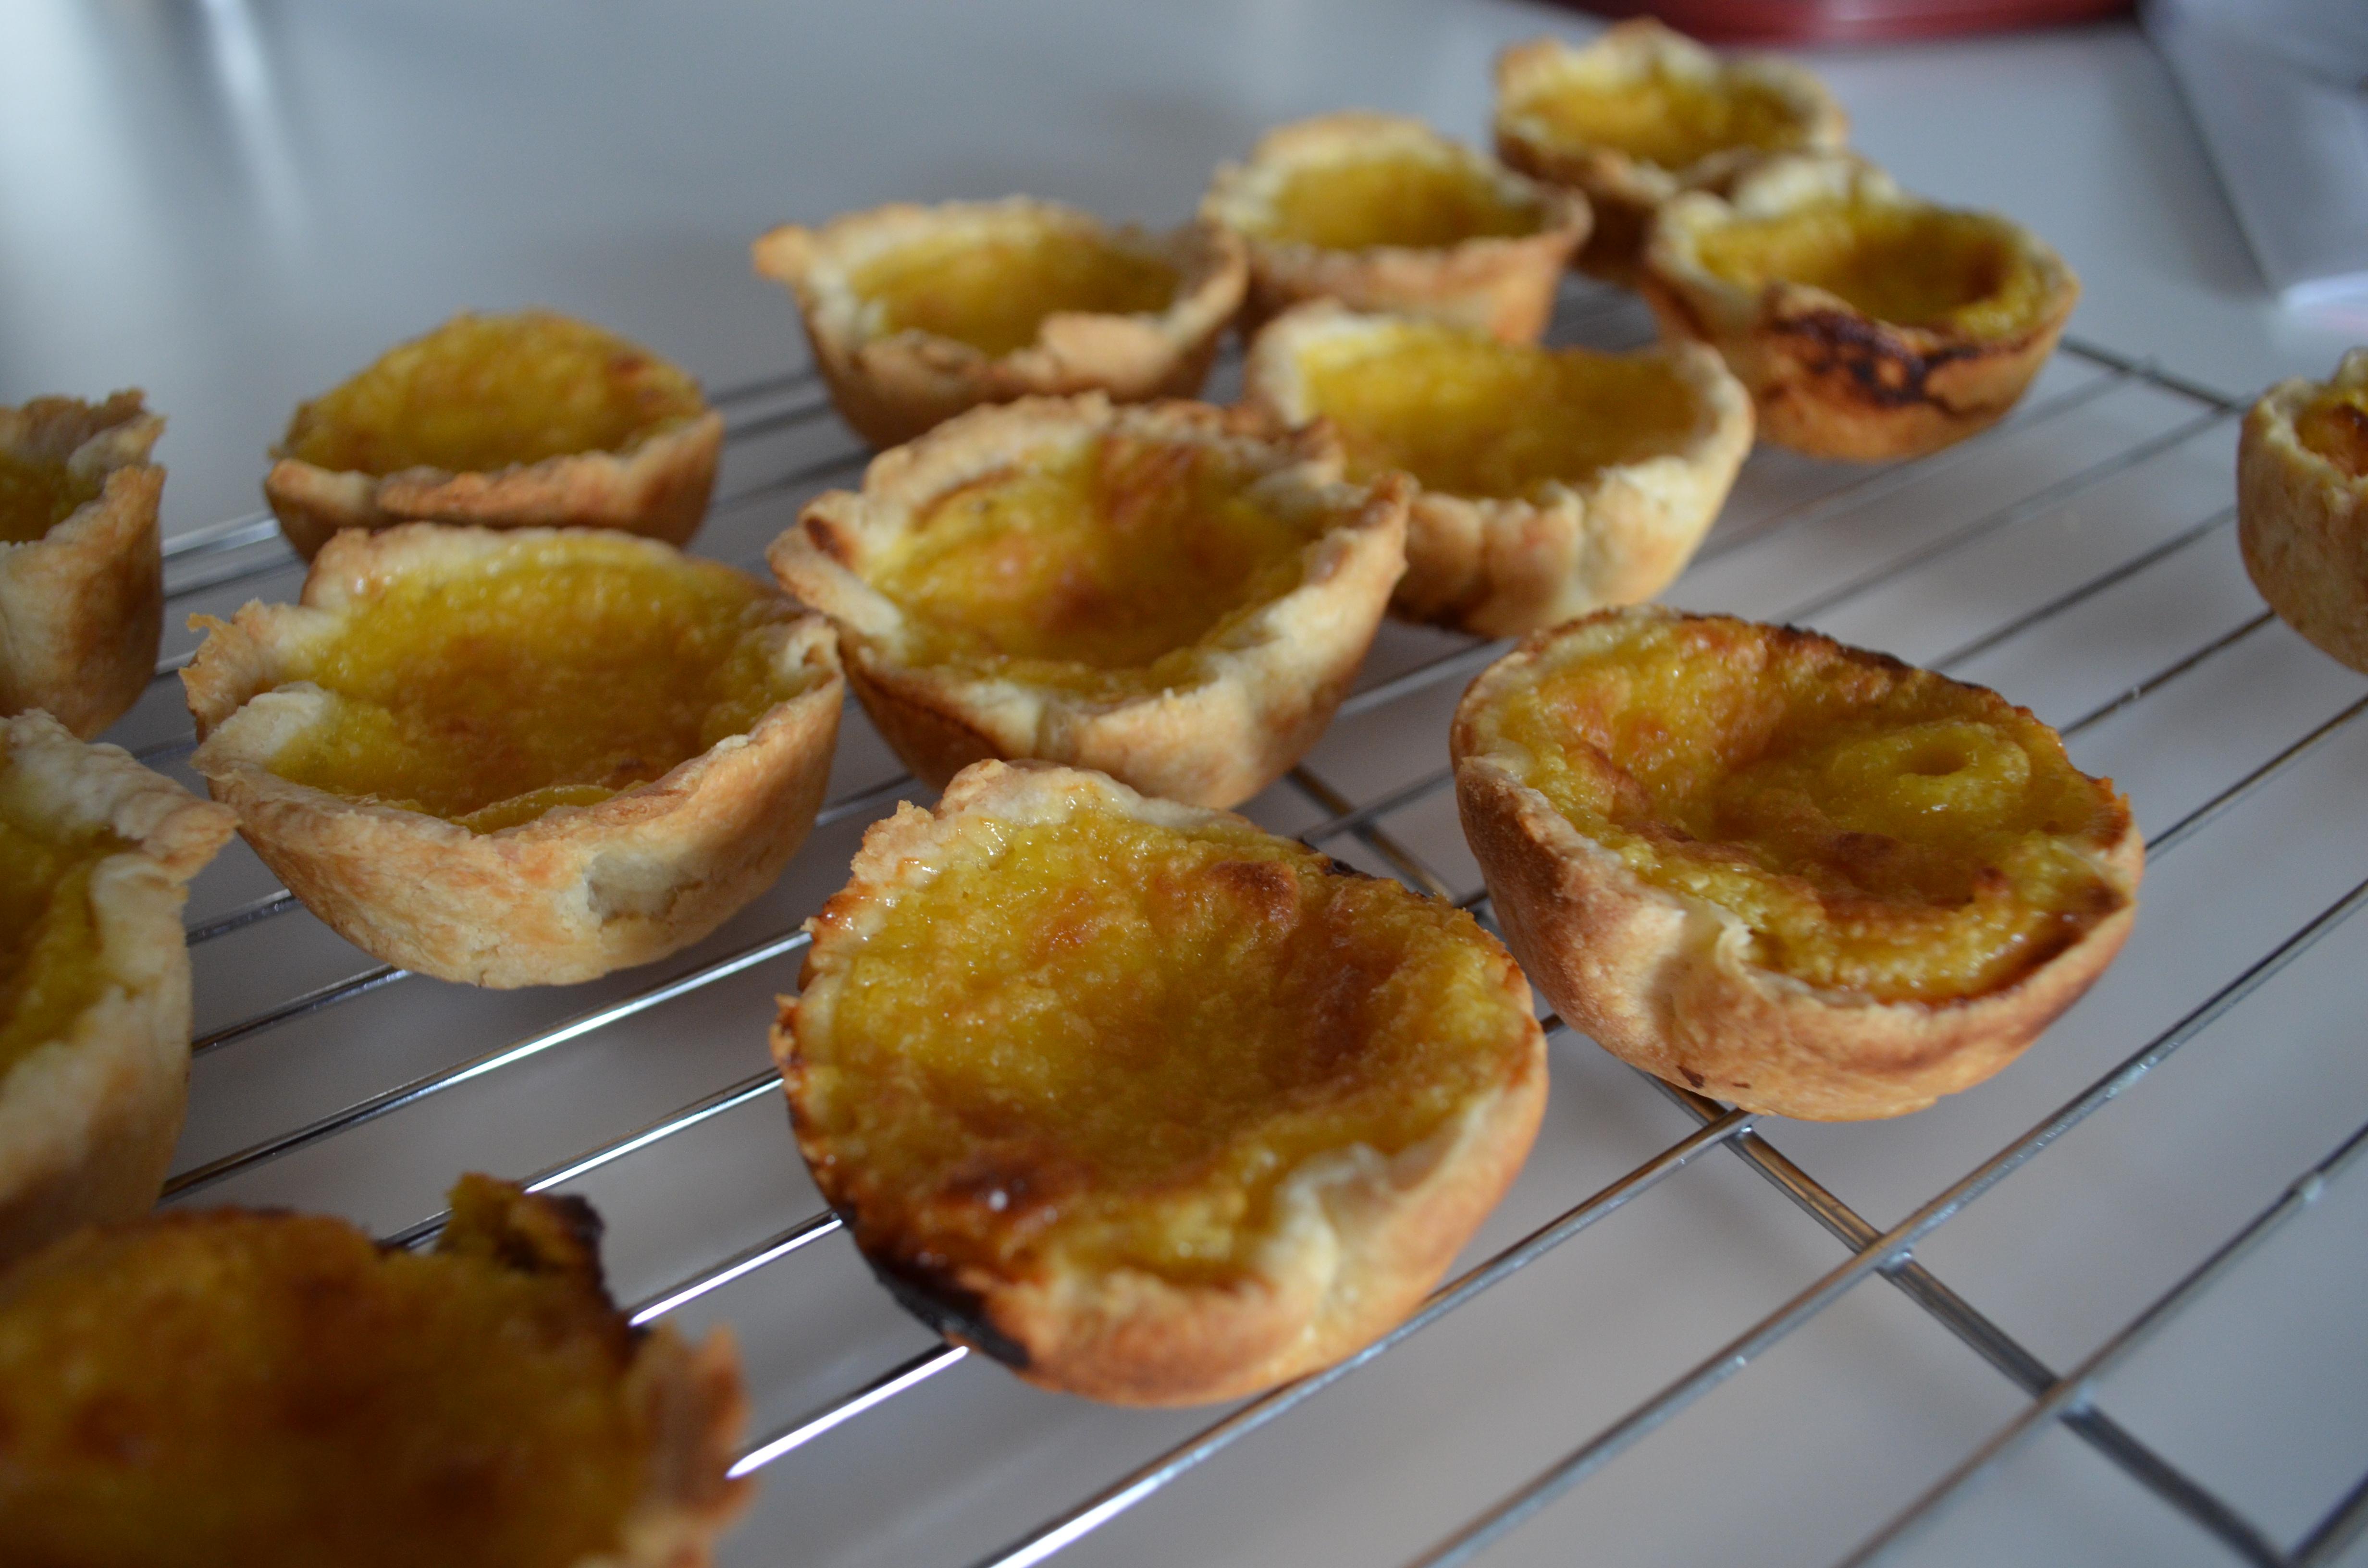 Portugese tarts au naturel essence for Essence magazine recipes